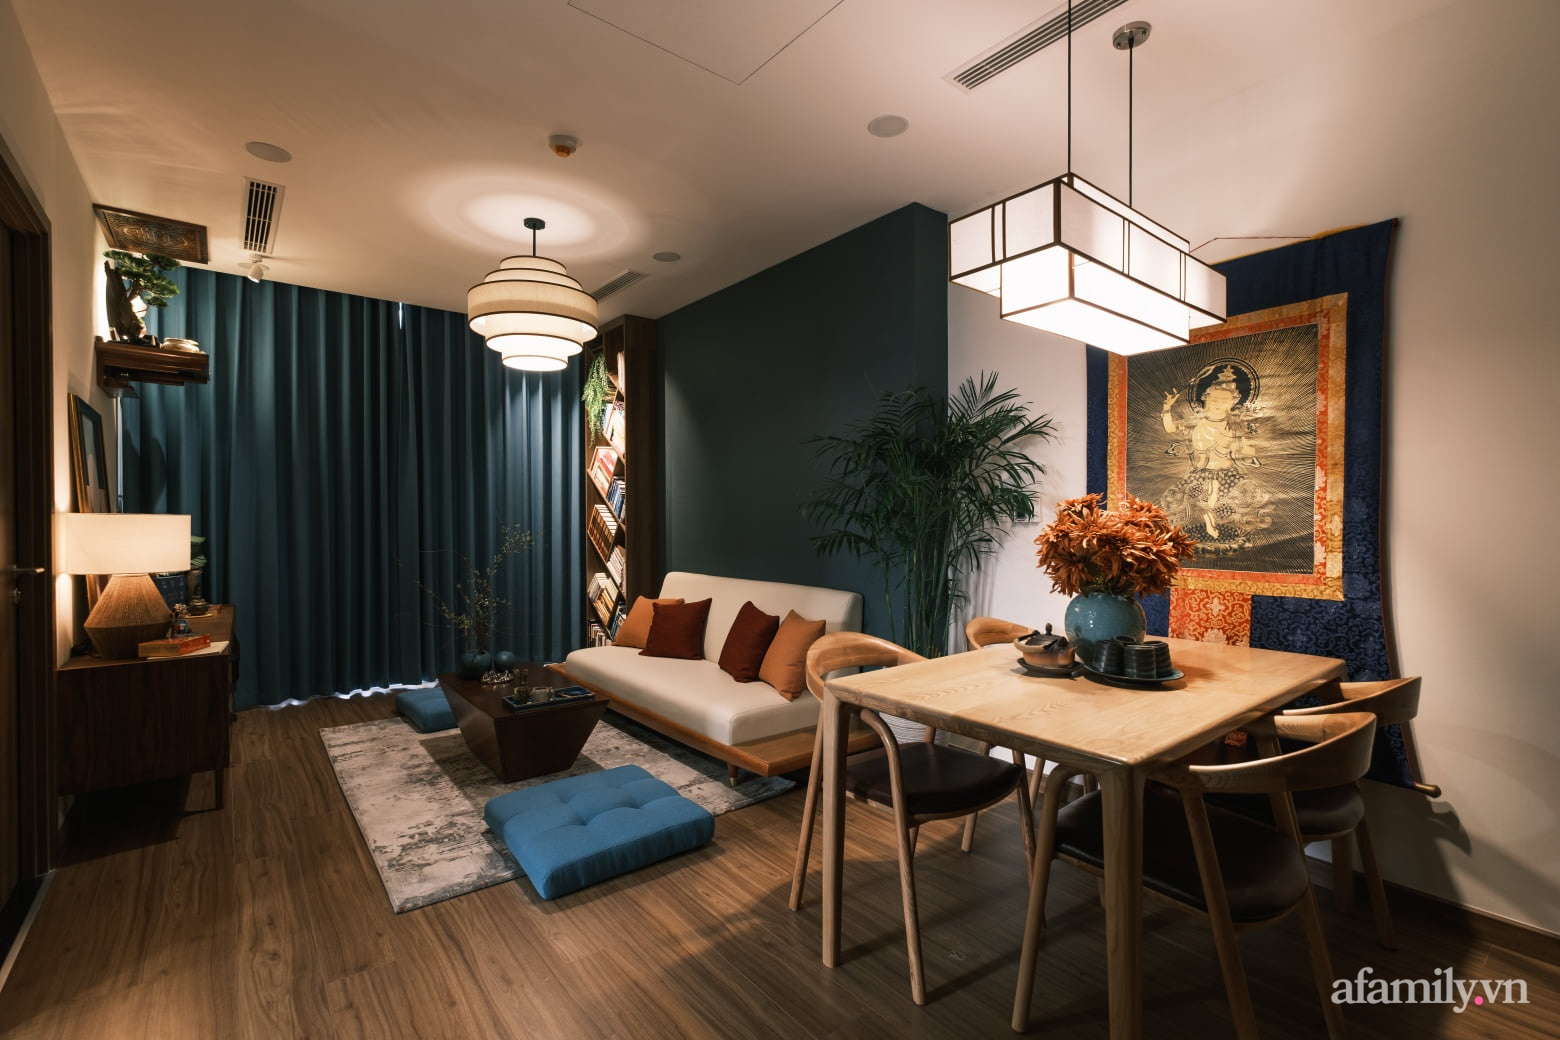 Căn hộ 60m² đẹp tĩnh lặng và tinh tế mang hơi thở của Zen ở quận 7 Sài Gòn - Ảnh 5.